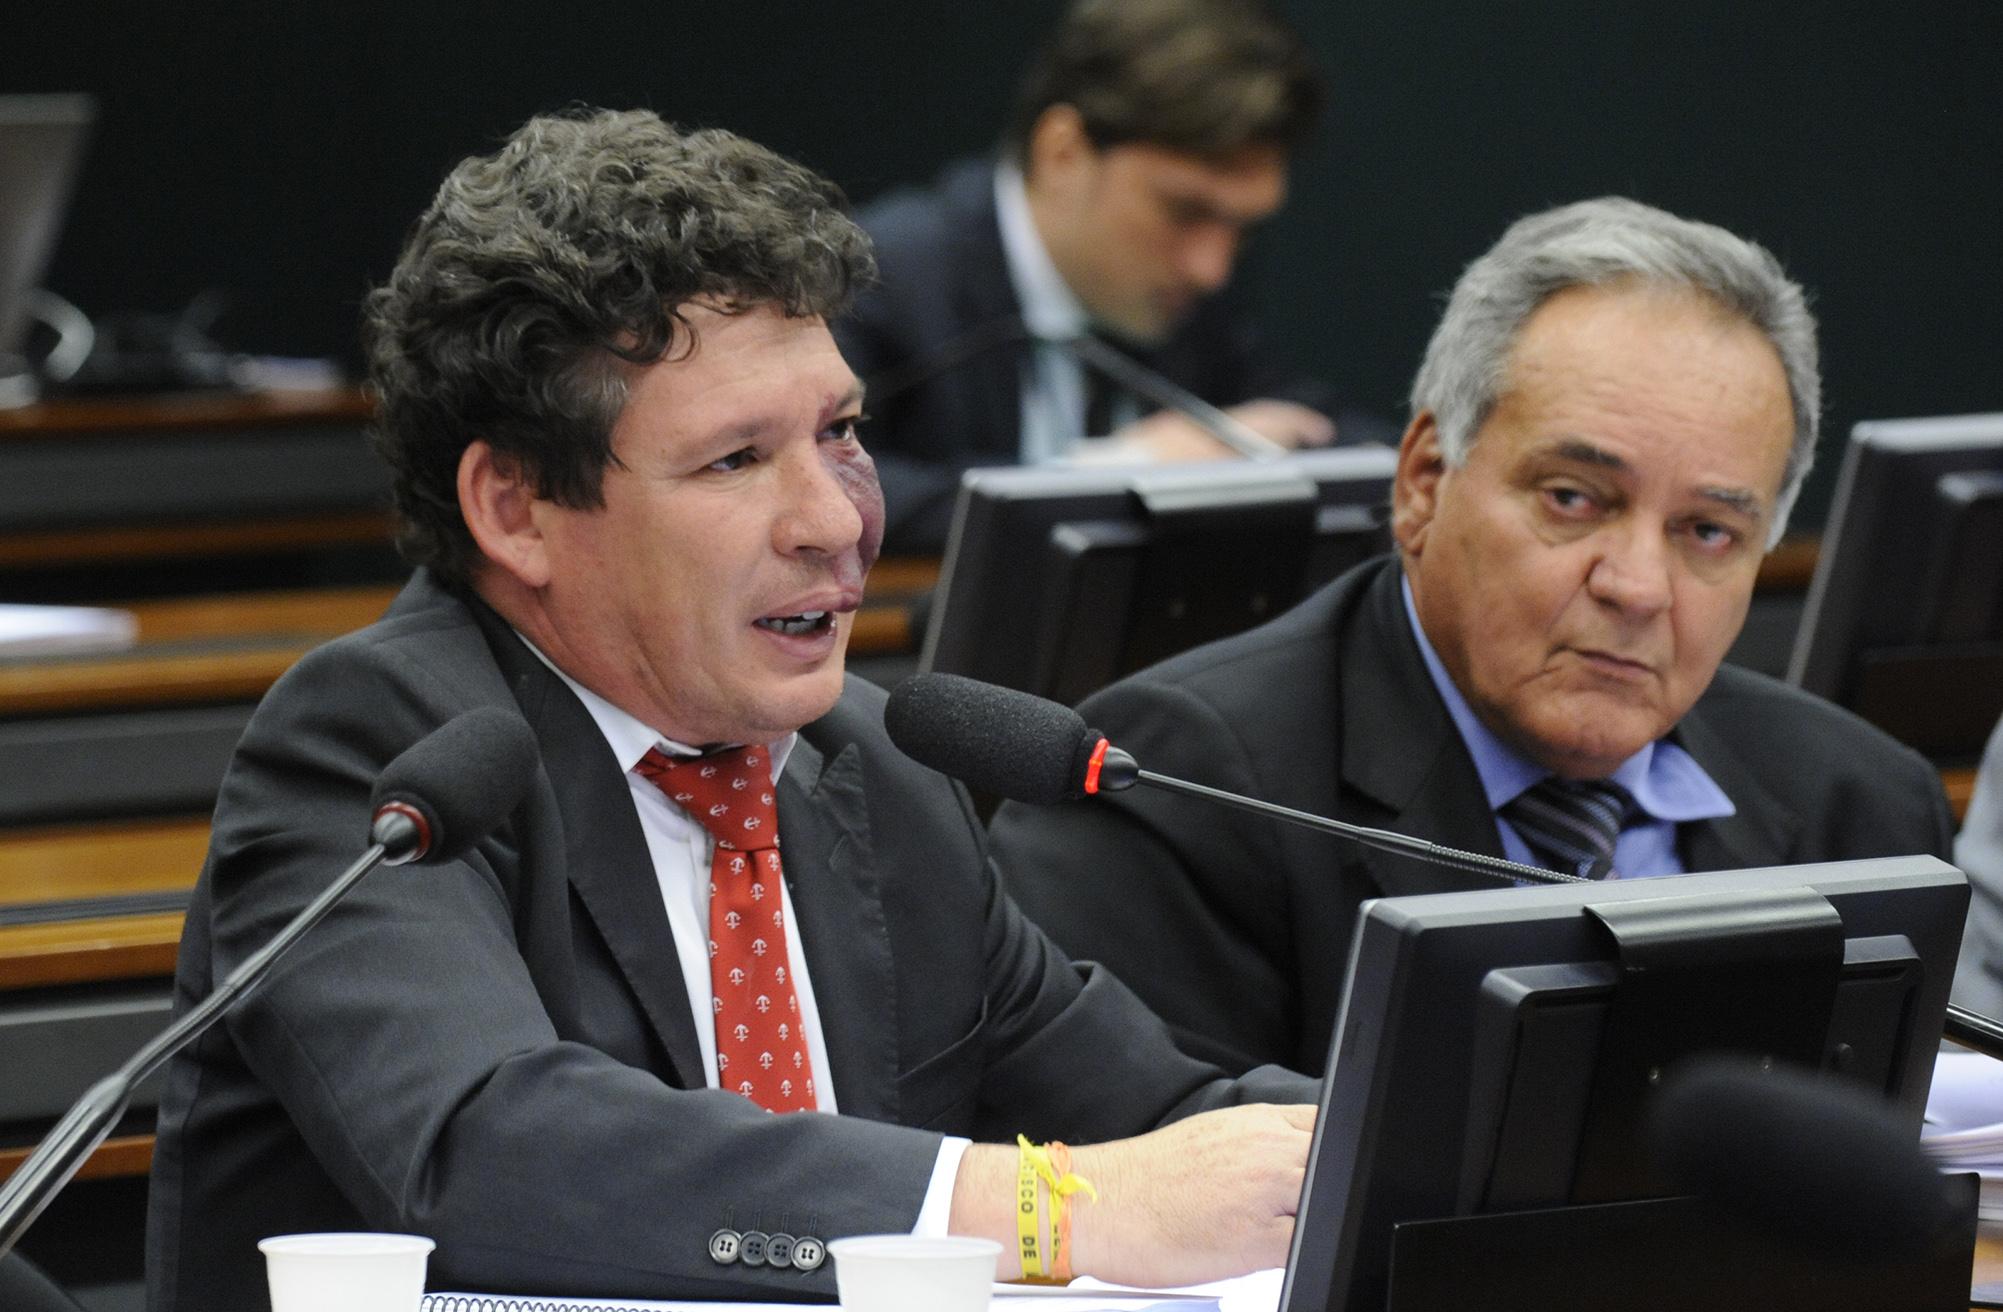 Reunião destinada a discutir os relatórios setoriais dos quatro sub-relatores da comissão. Dep. Reginaldo Lopes (PT-MG)